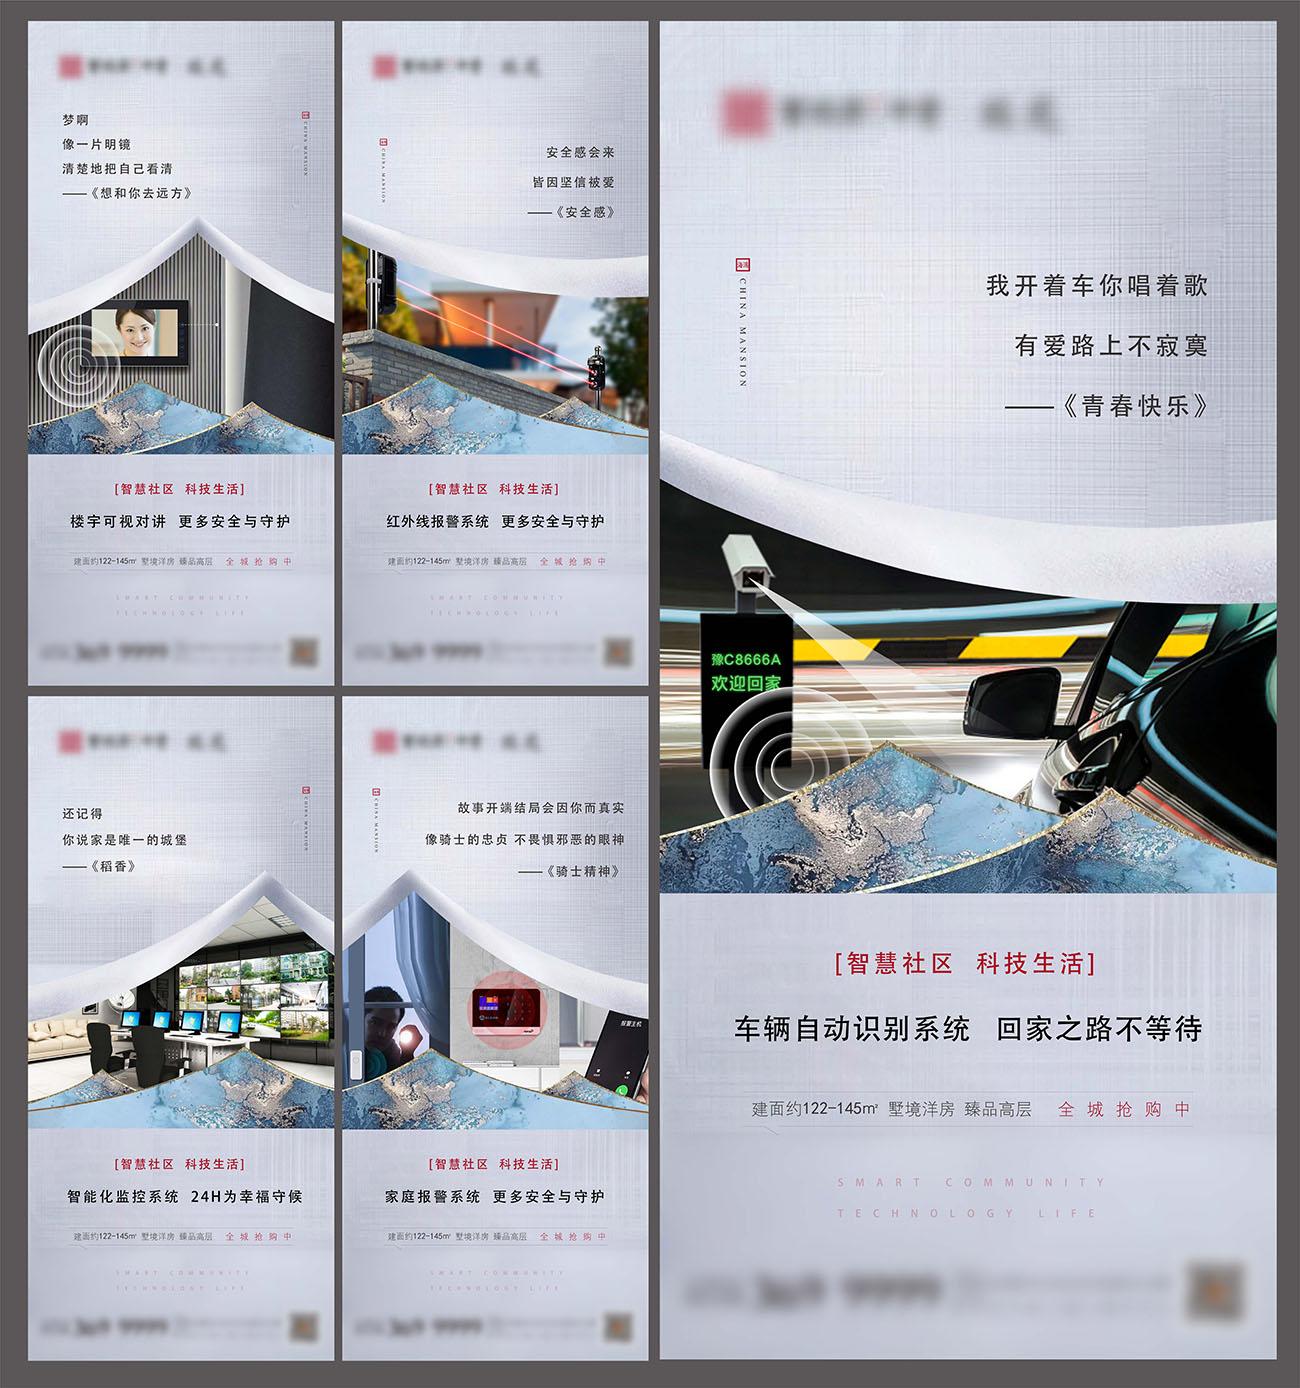 房地产科技智慧社区价值点海报AI源文件插图